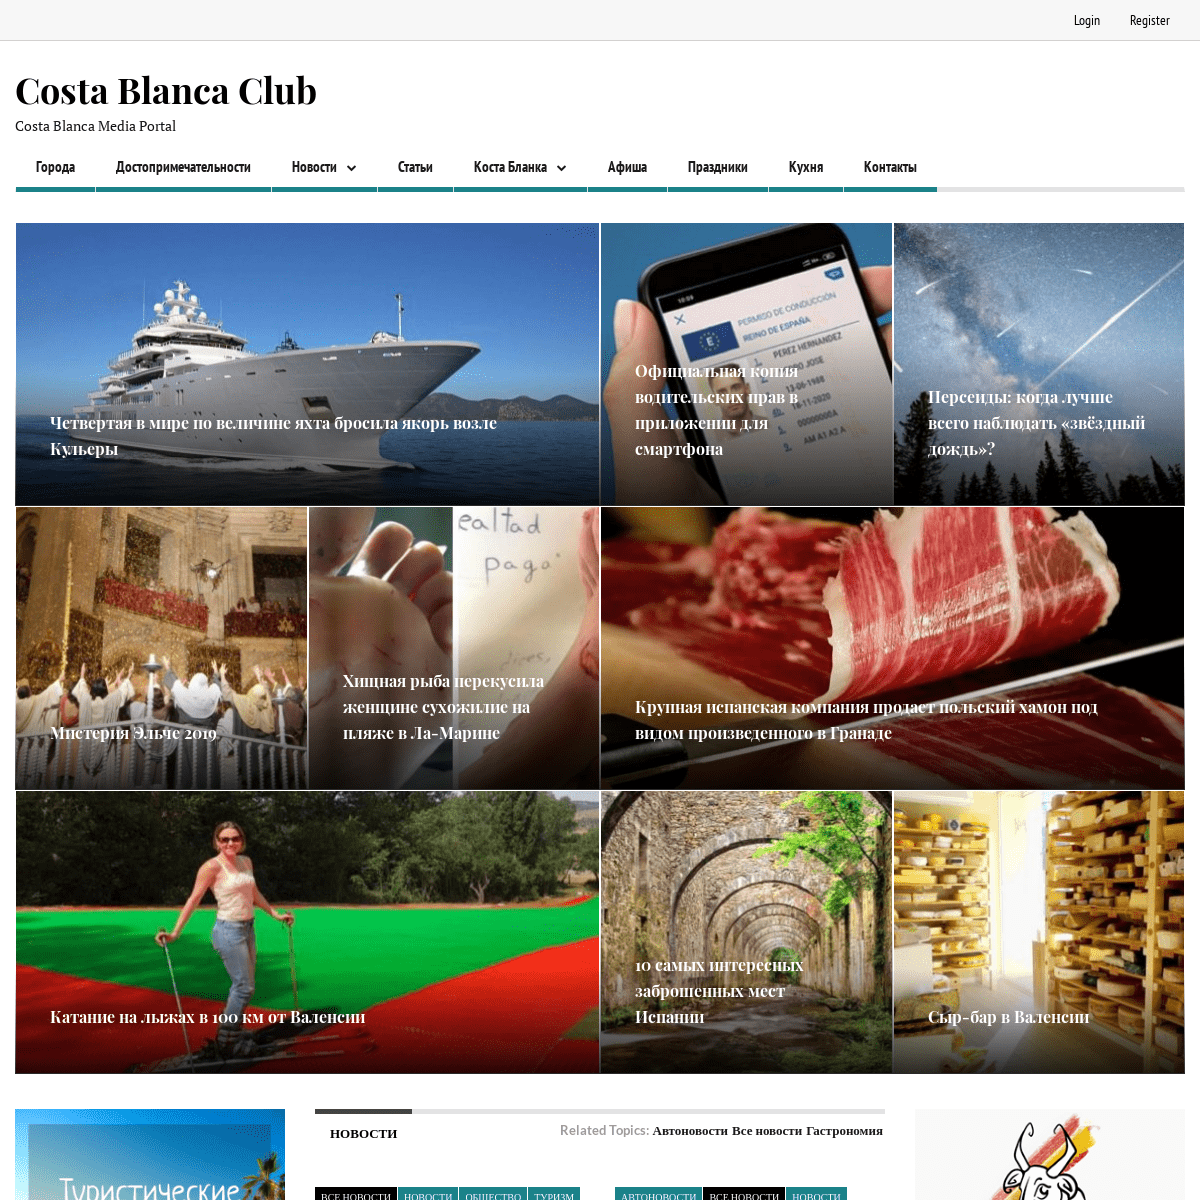 Последние новости Коста Бланки, Испания - CostaBlancaClub